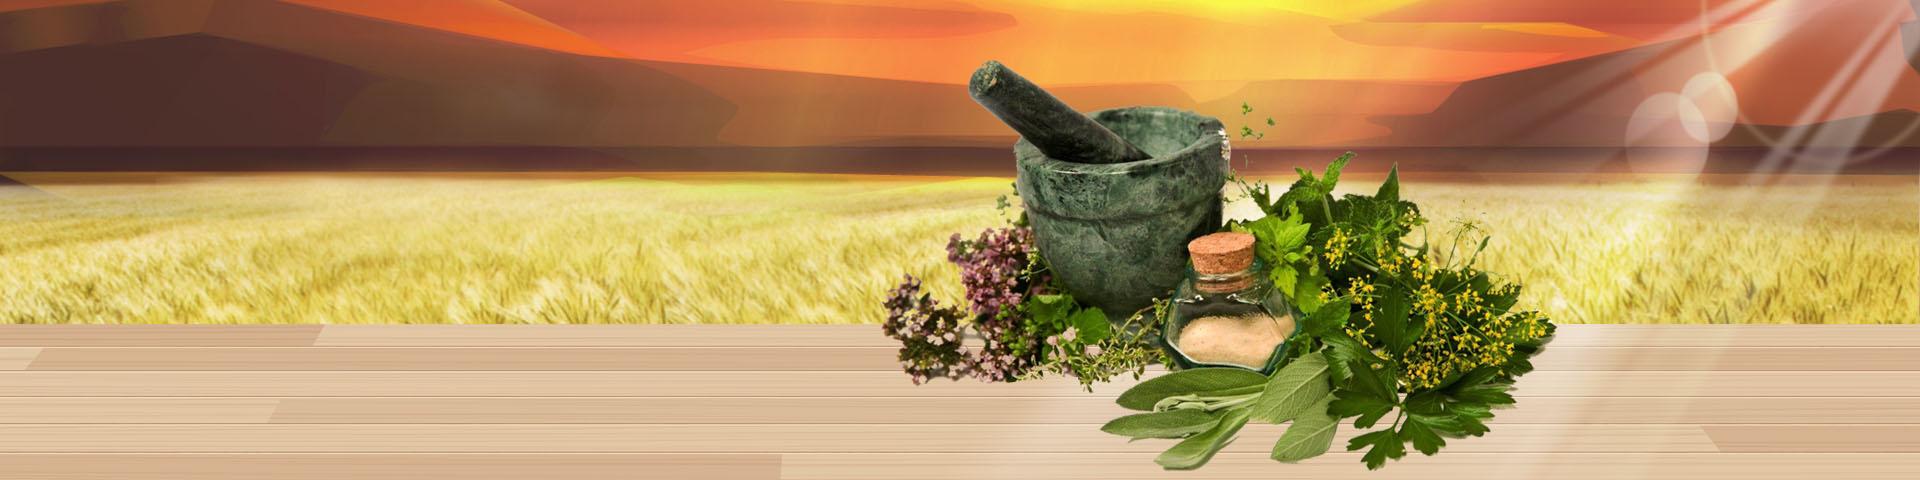 خرید مومنایی اصل | قیمت و فروش موملایی و مومیایی